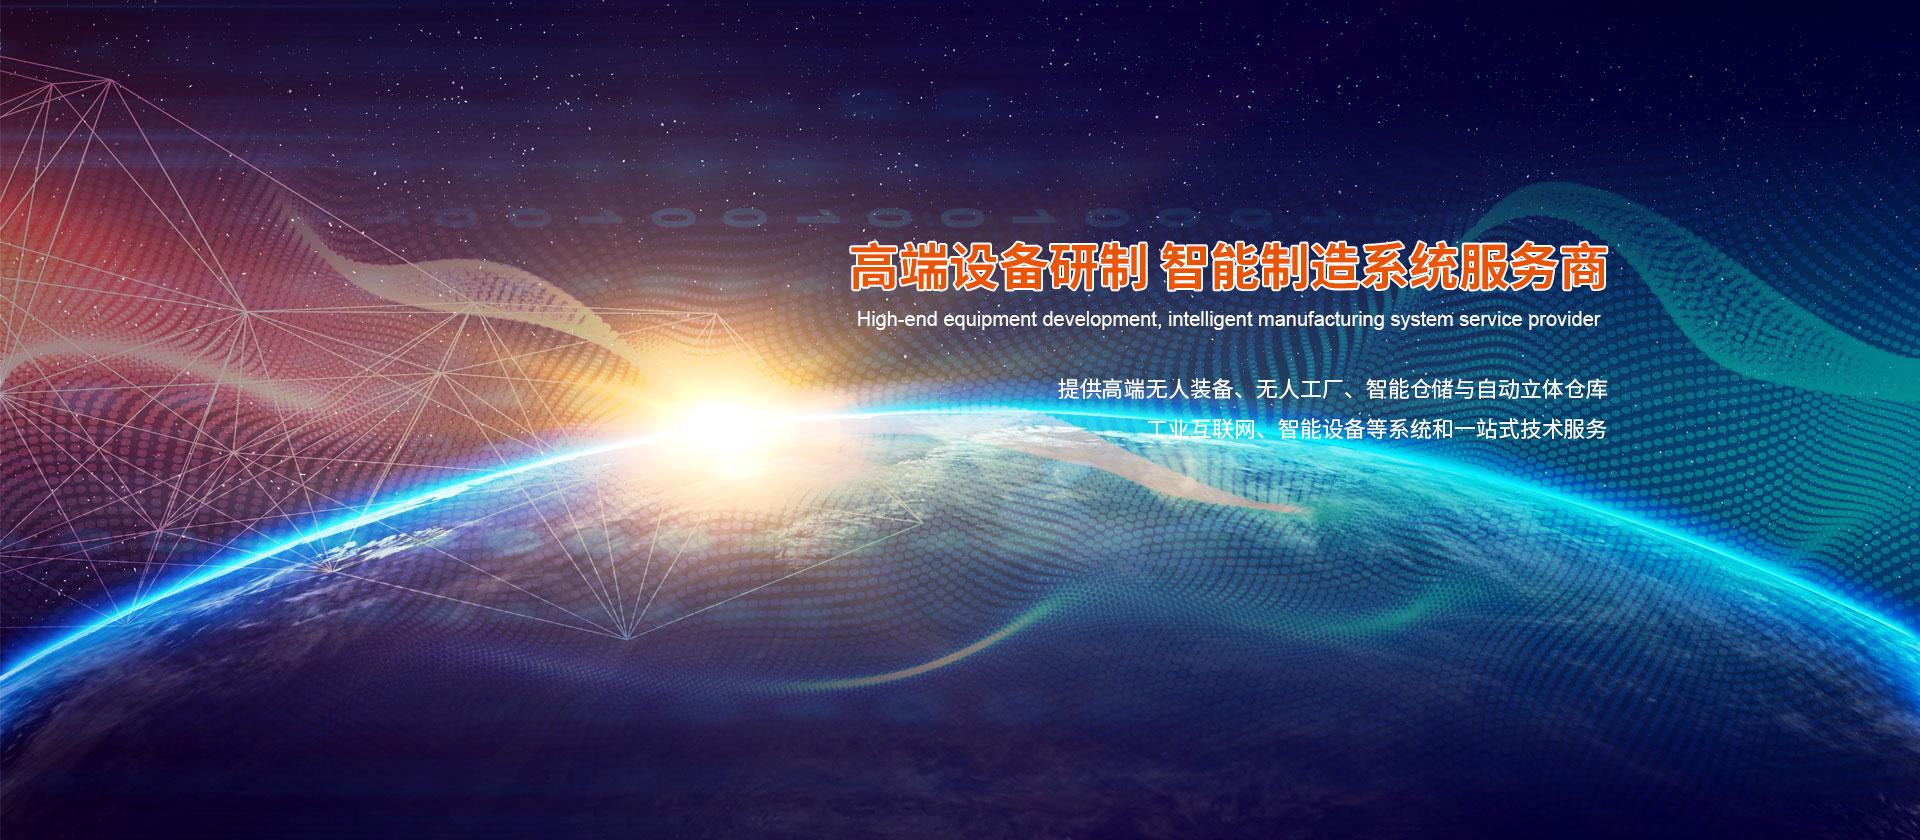 高端设备研制 智能制造系统服务商